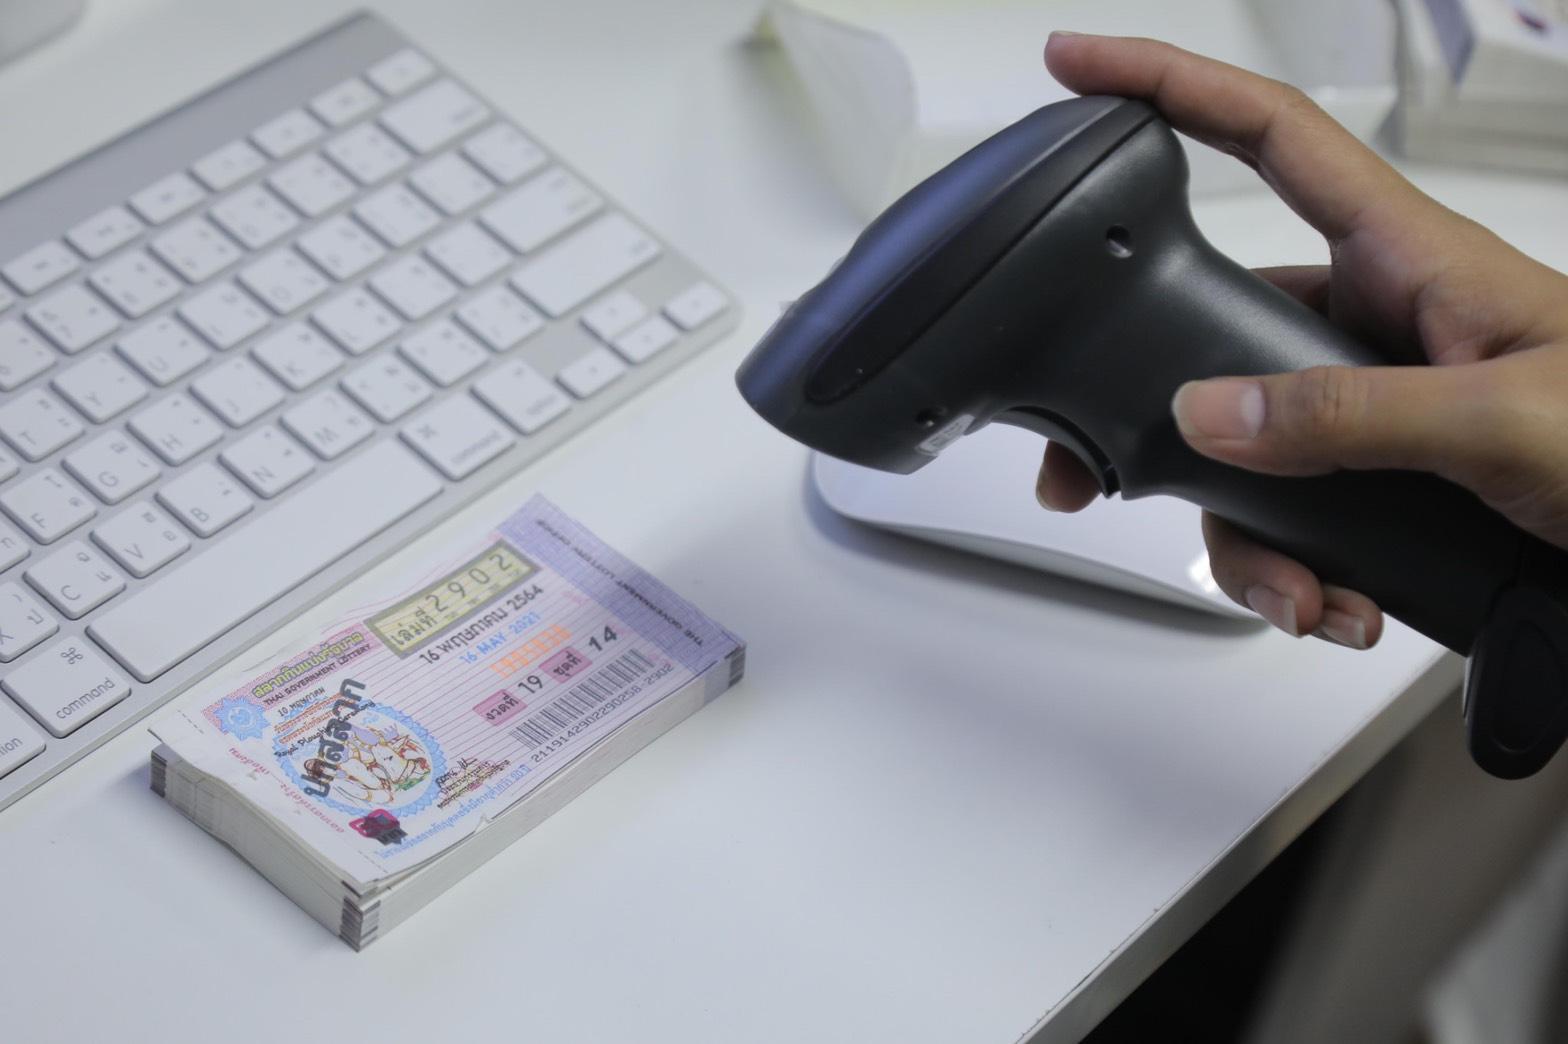 กองสลาก.com ลอตเตอรี่ 80 บาท ลอตเตอรี่ออนไลน์